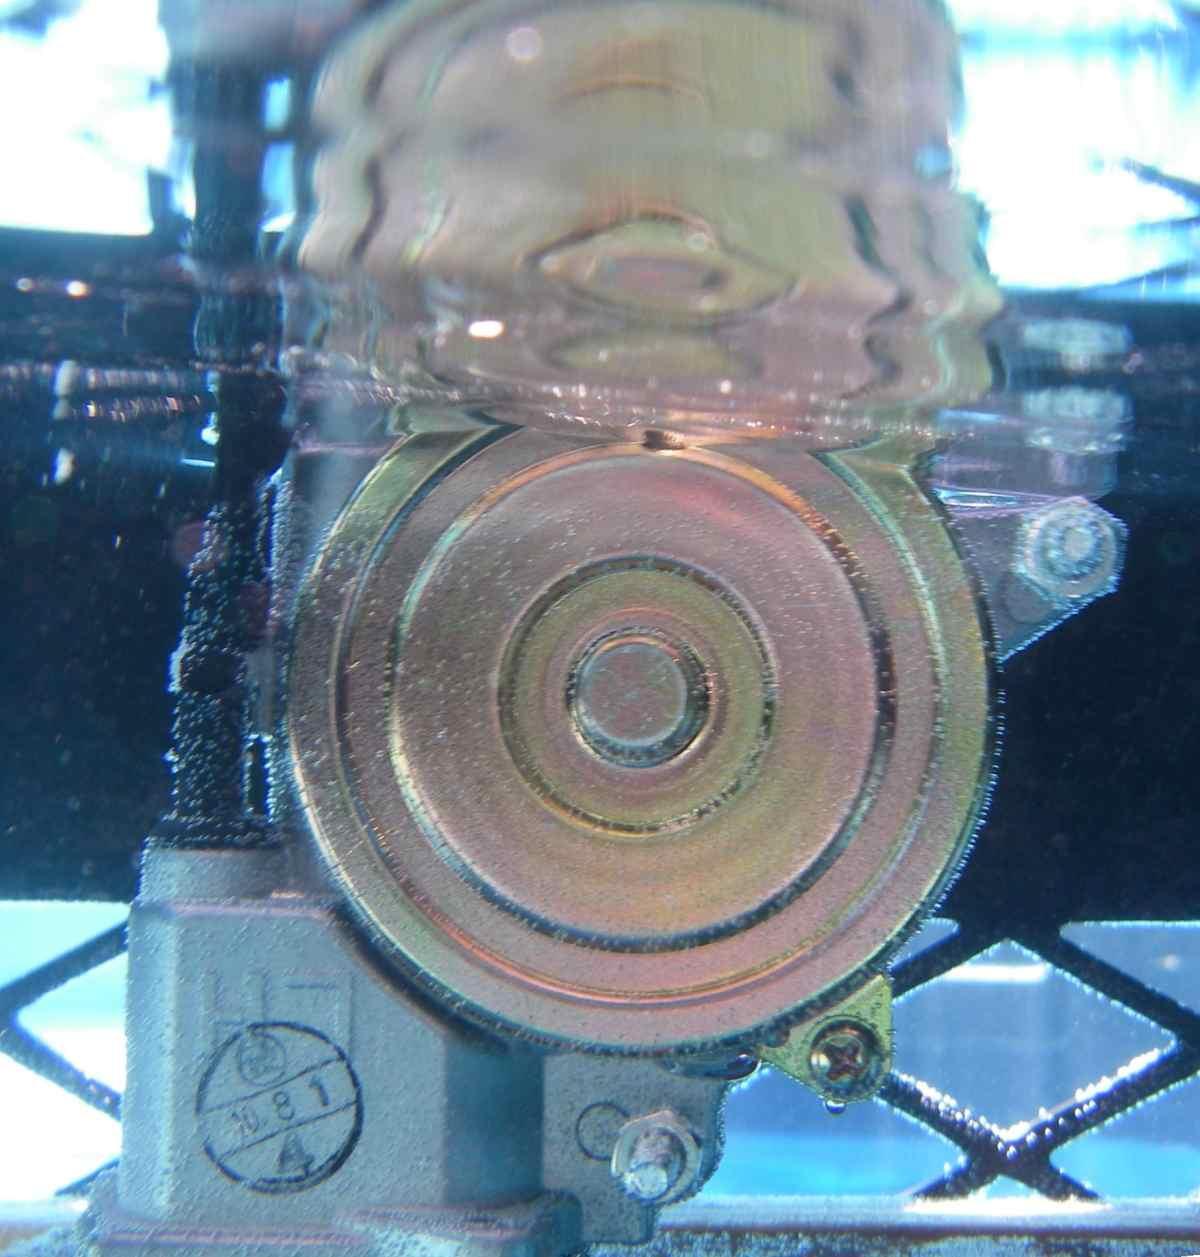 Evanescope Underwater Idioscope